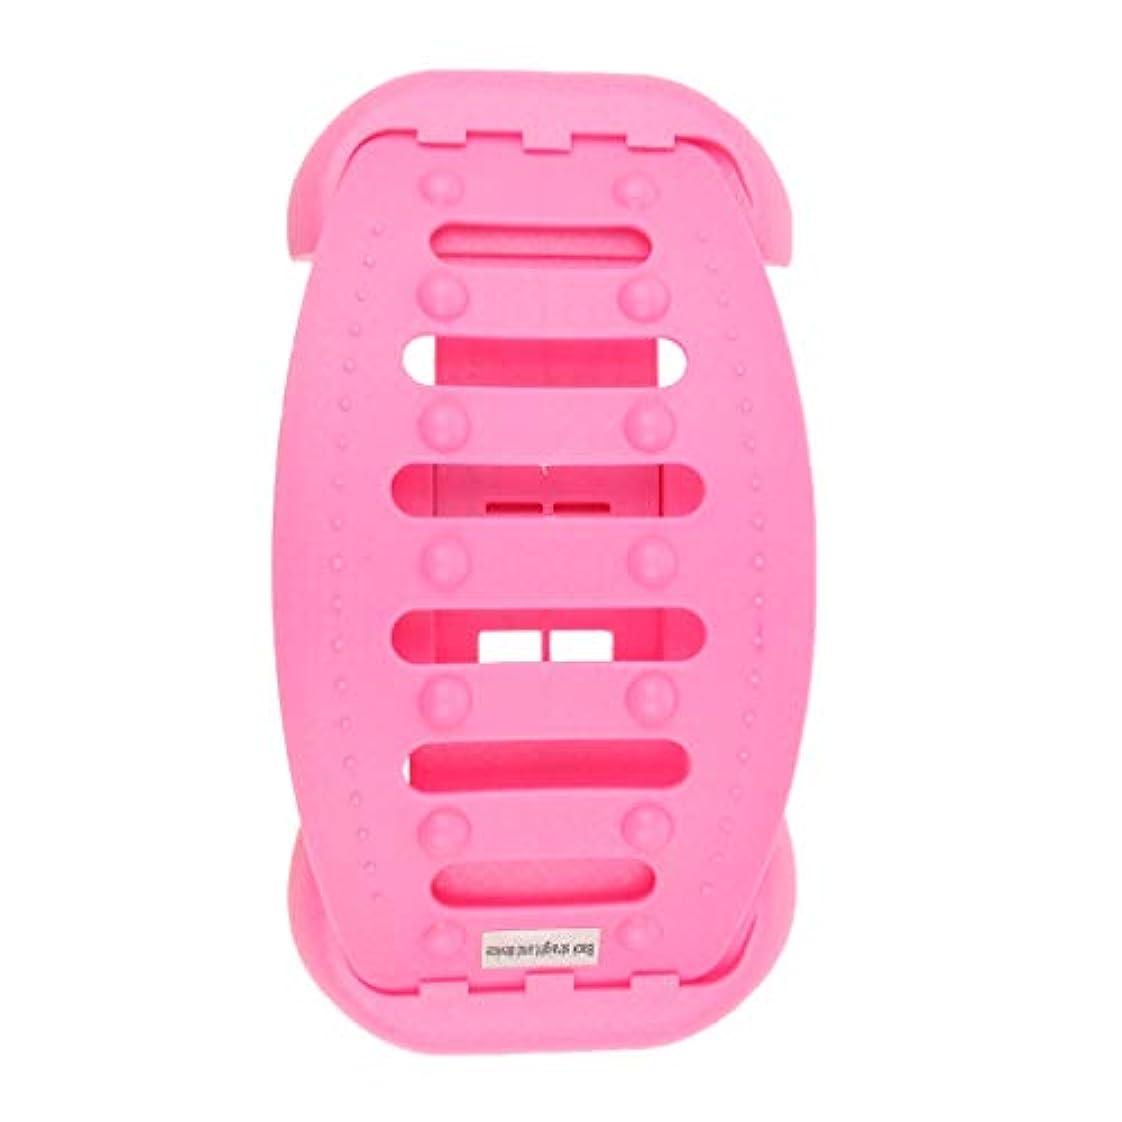 悩み志すパラナ川バックストレッチャー 背中 ストレッチャー ストレッチ装置 サポート 高重量容量 全2色 - ピンク